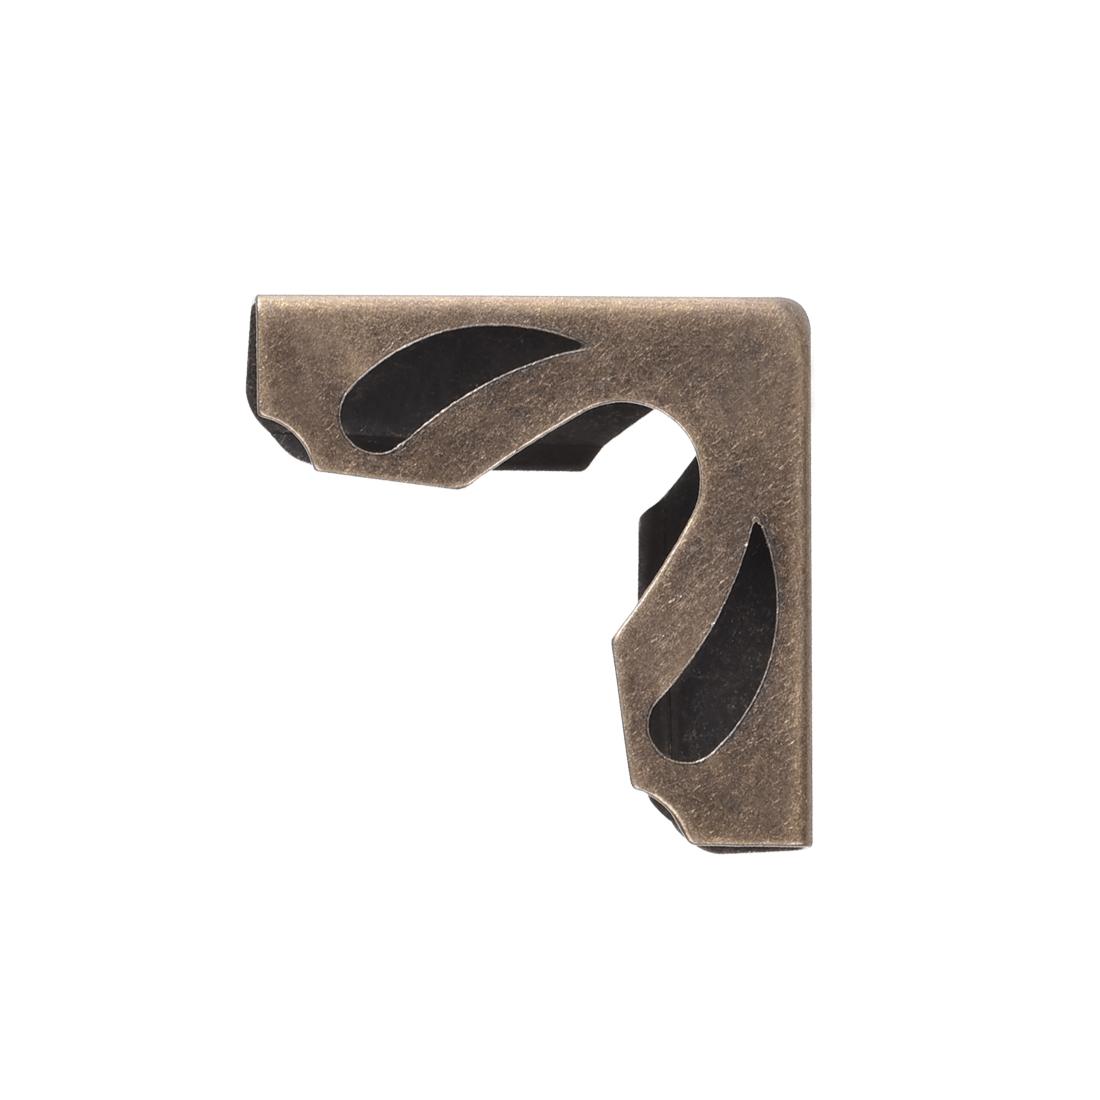 Metal Book Corner Protectors Edge Cover Guard 21 x 21 x 8.5mm Bronze Tone 20pcs